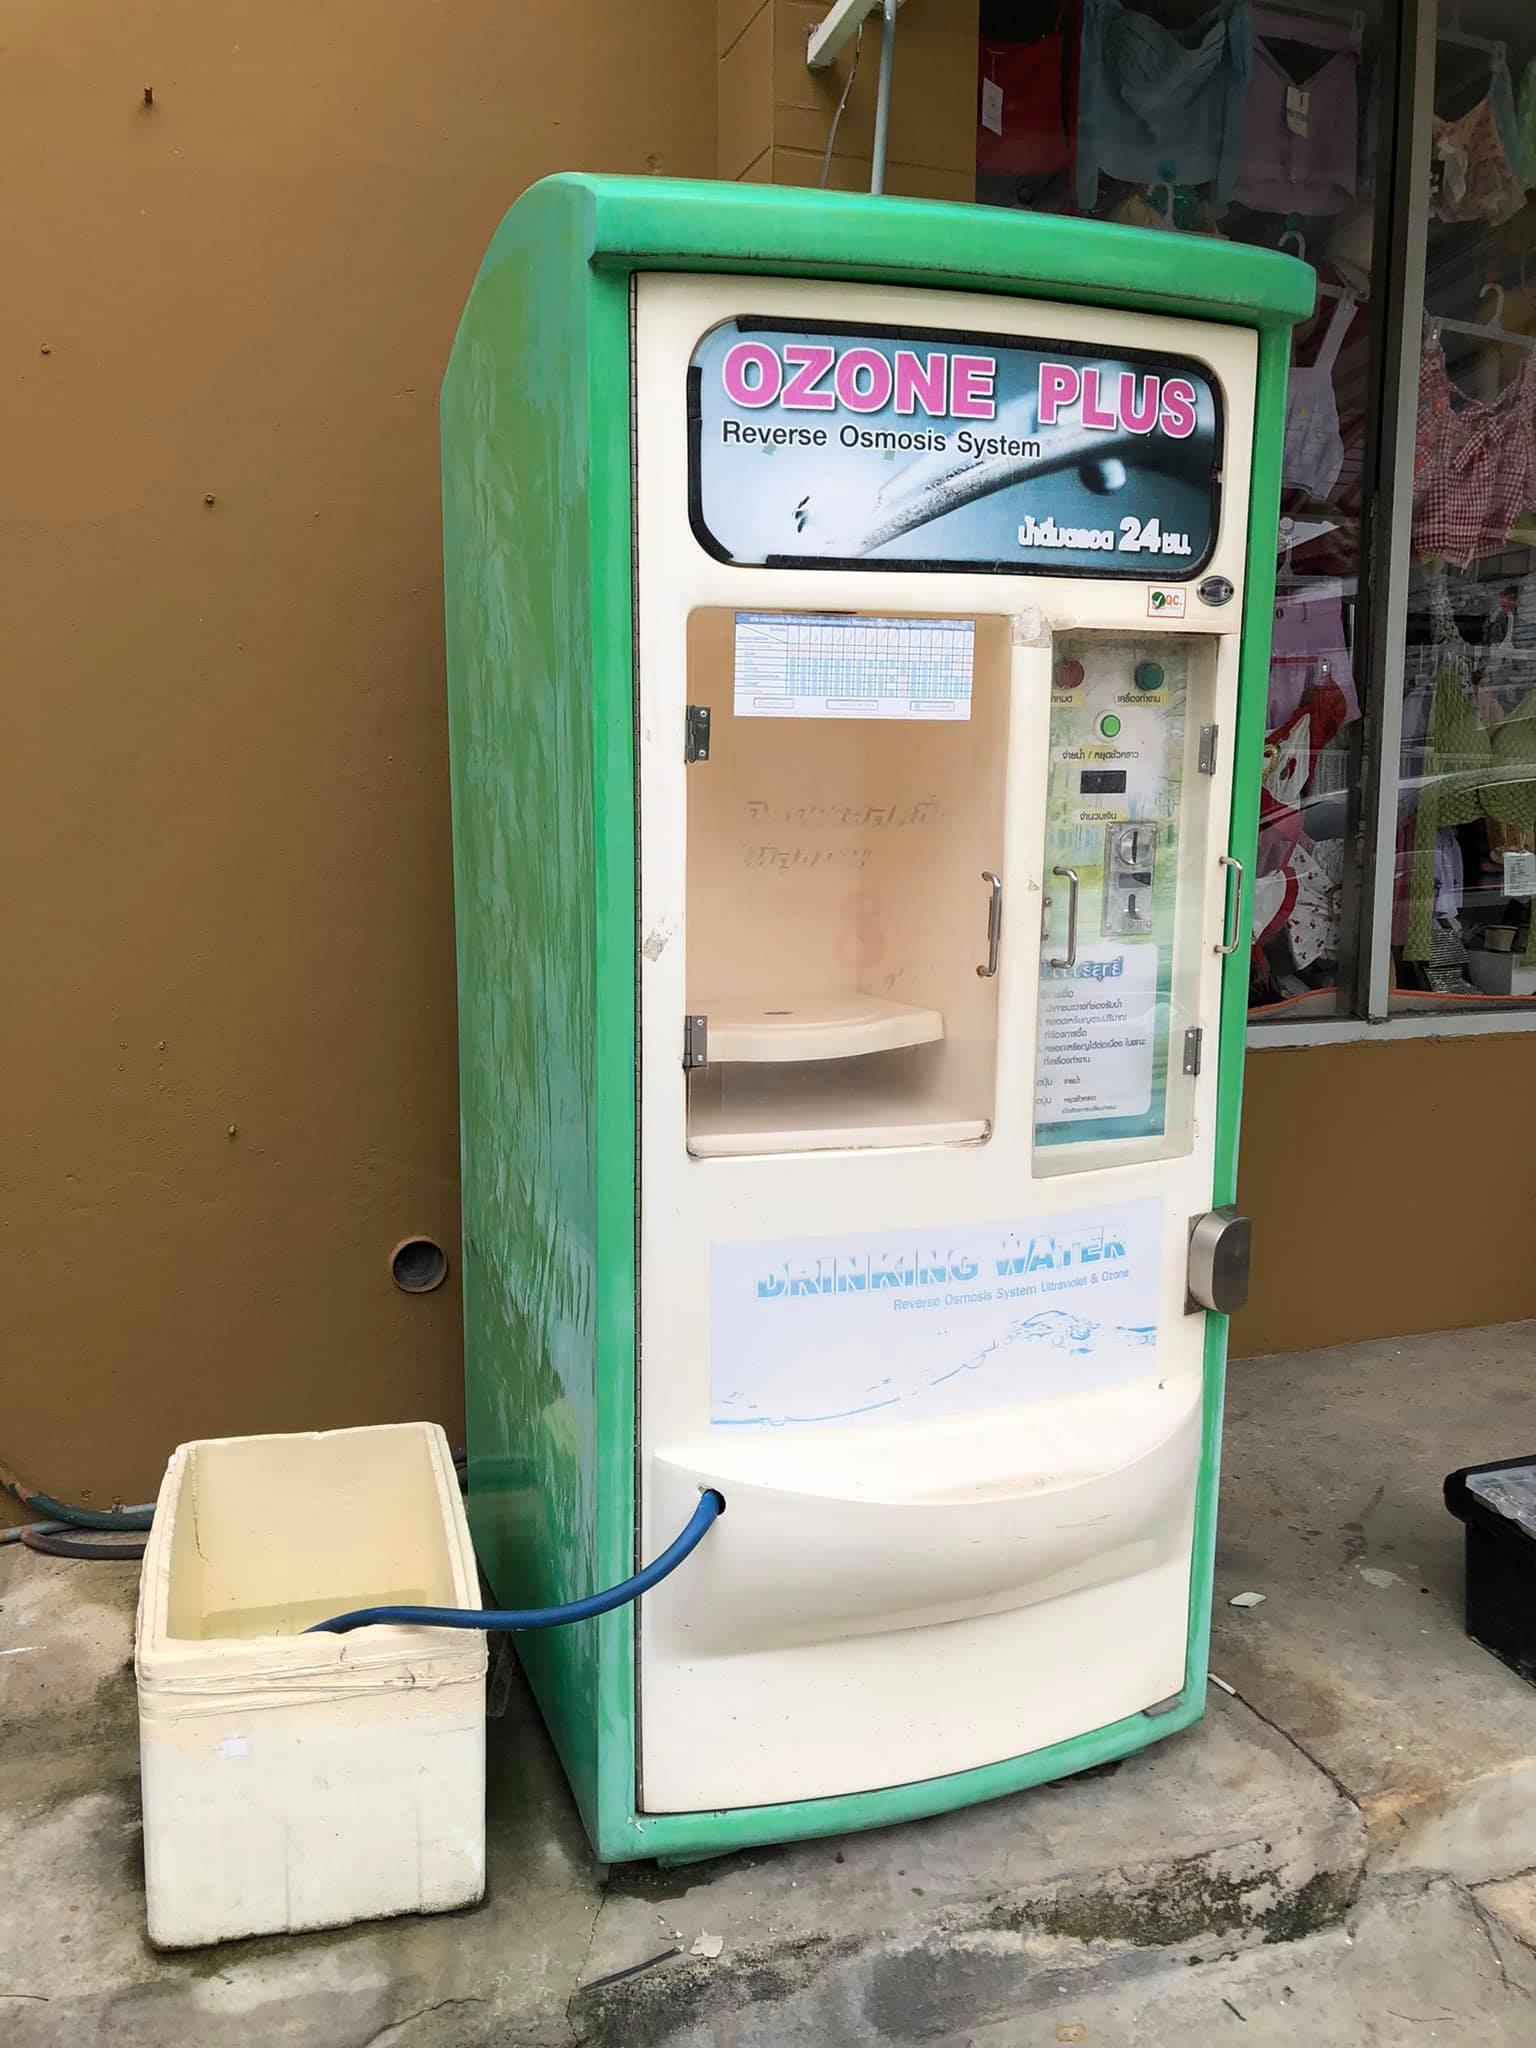 ซ่อมตู้น้ำดื่มหยอดเหรียญ ตู้ไม่ผลิตน้ำ + หยอดเหรียญไม่ได้